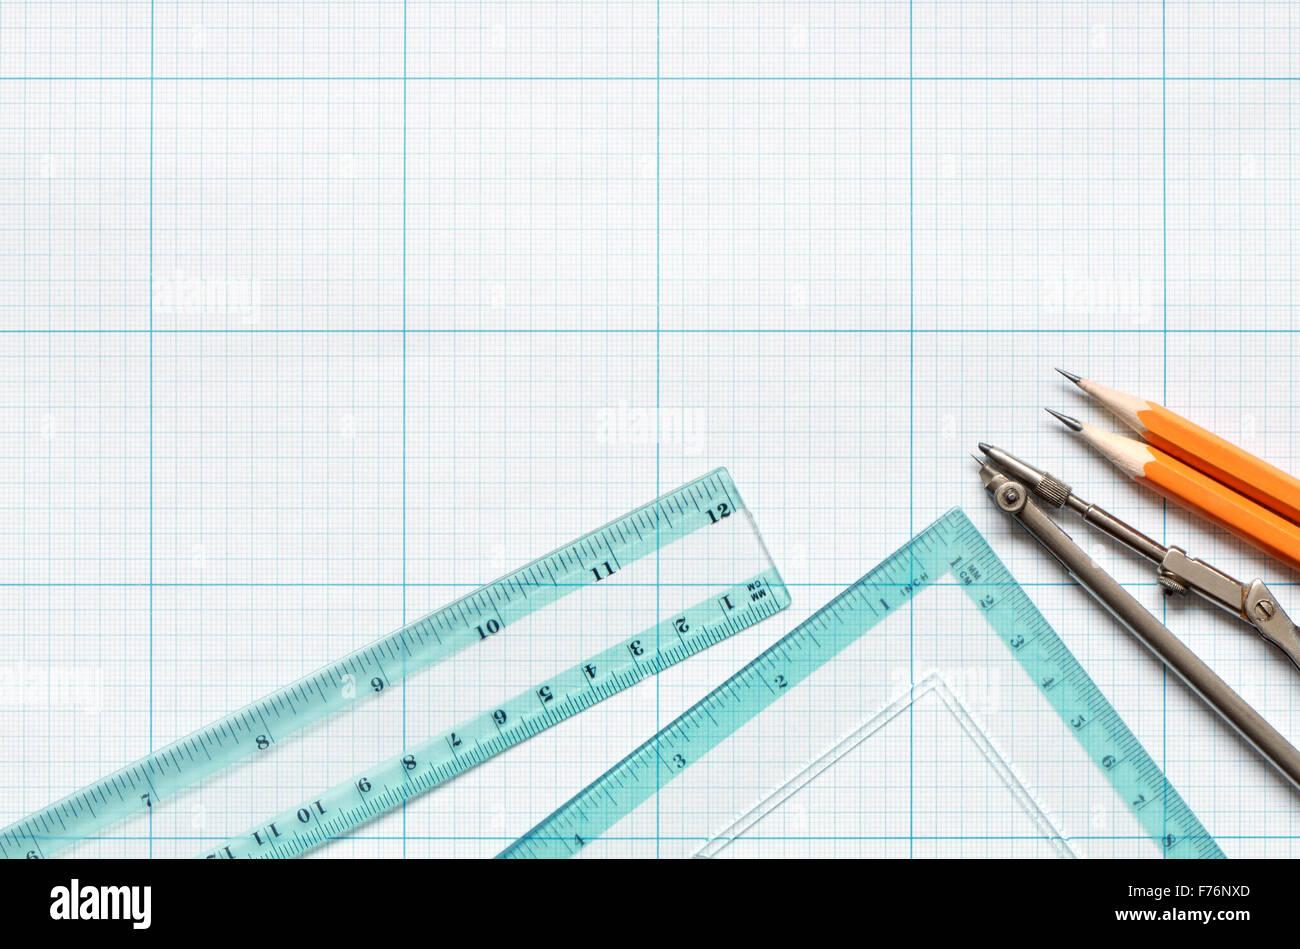 Draftsmanship - Stock Image